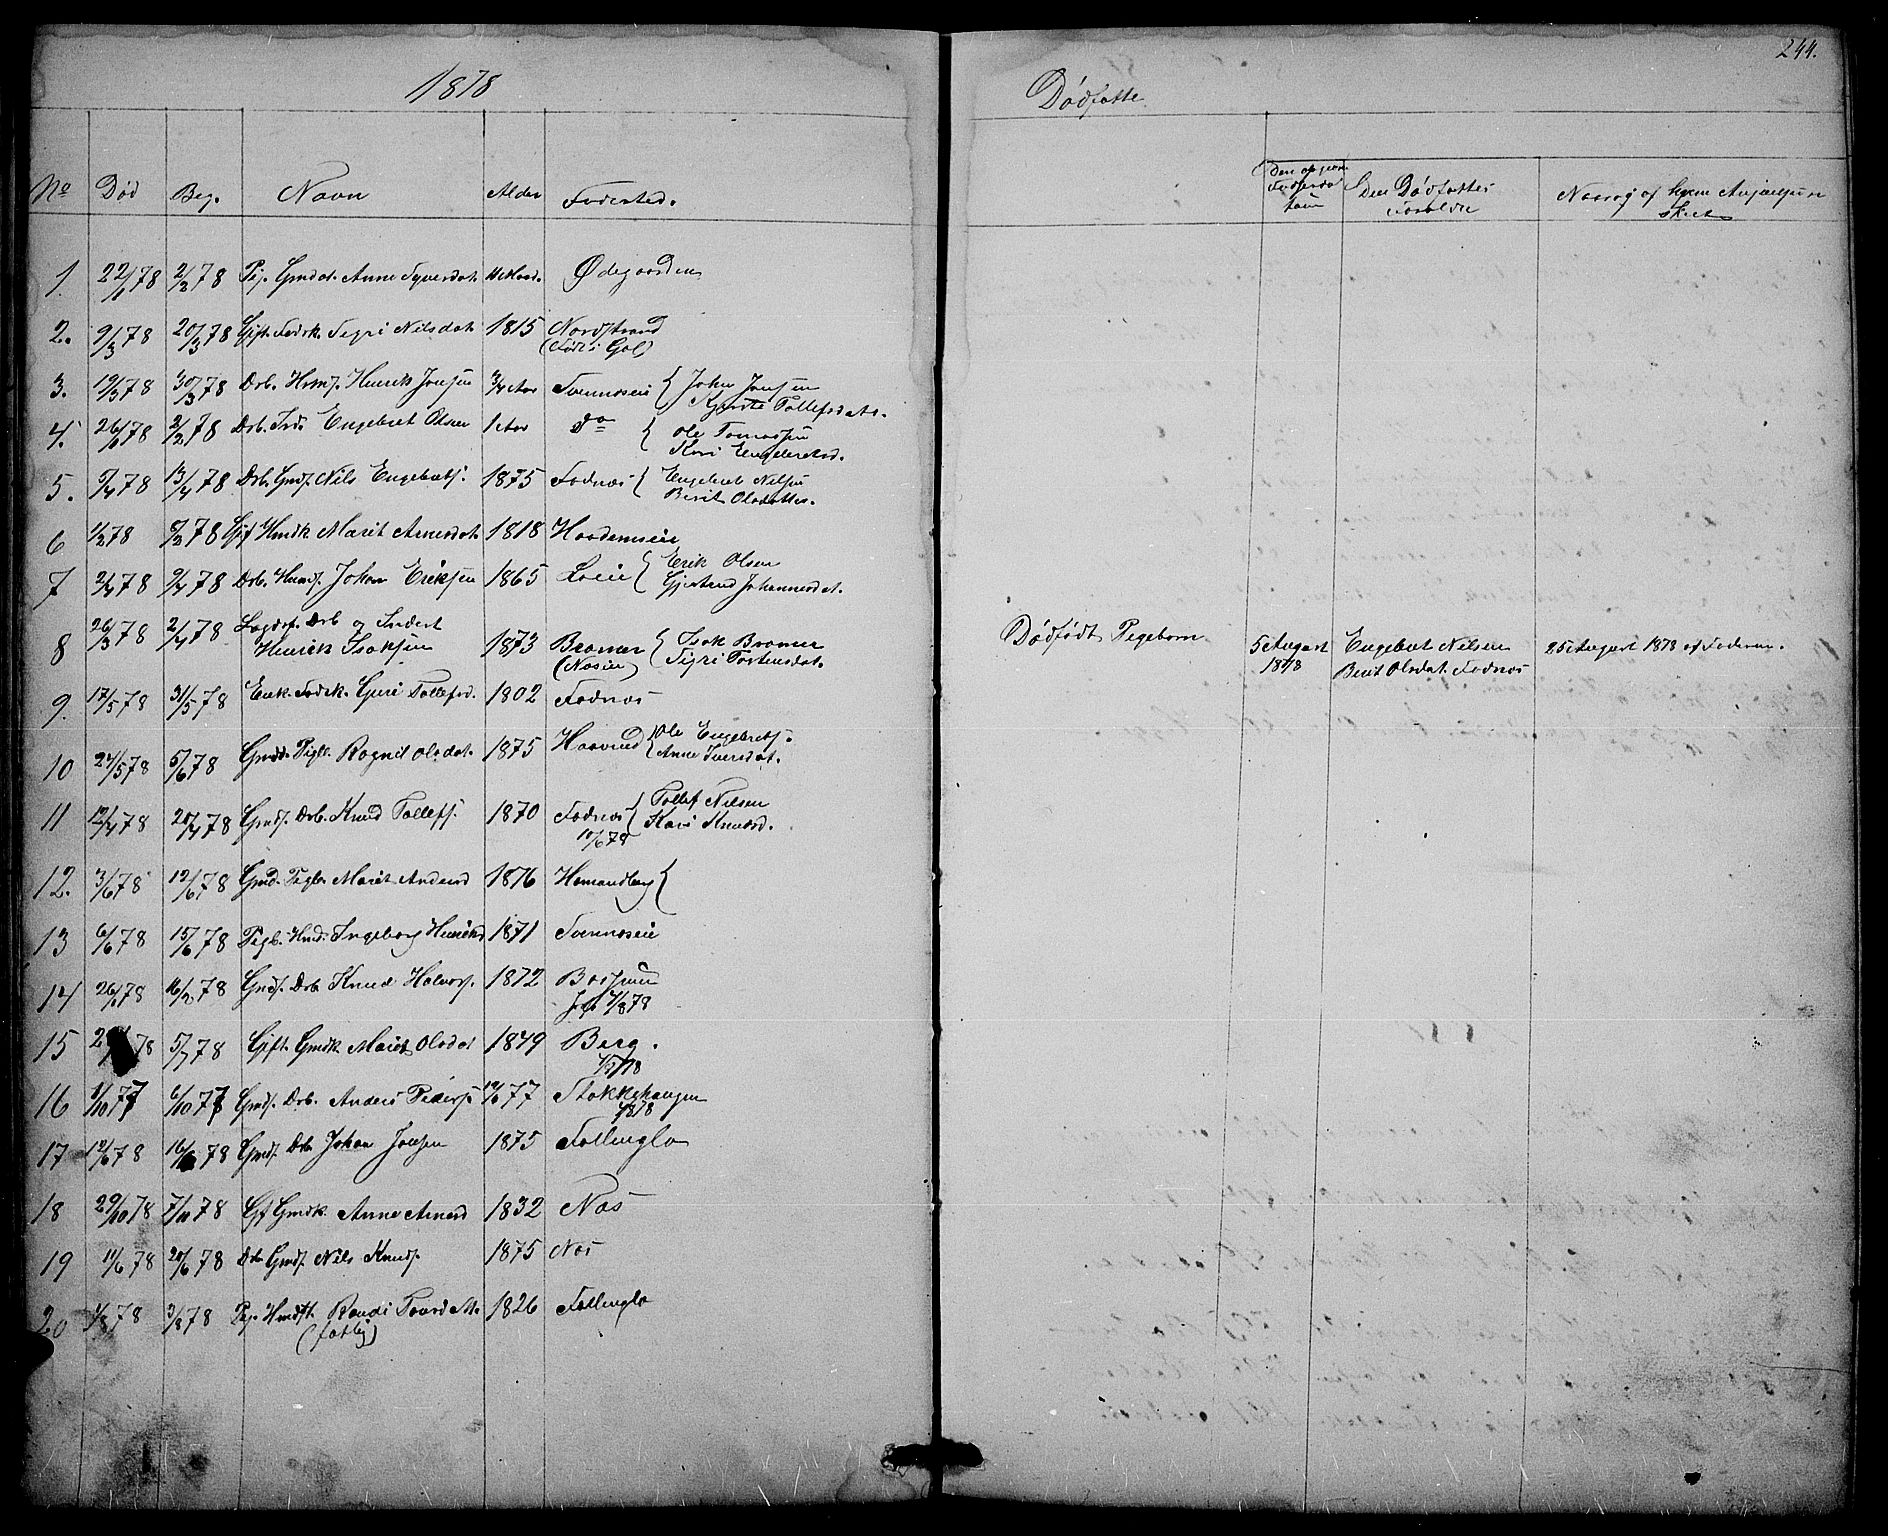 SAH, Nord-Aurdal prestekontor, Klokkerbok nr. 3, 1842-1882, s. 244